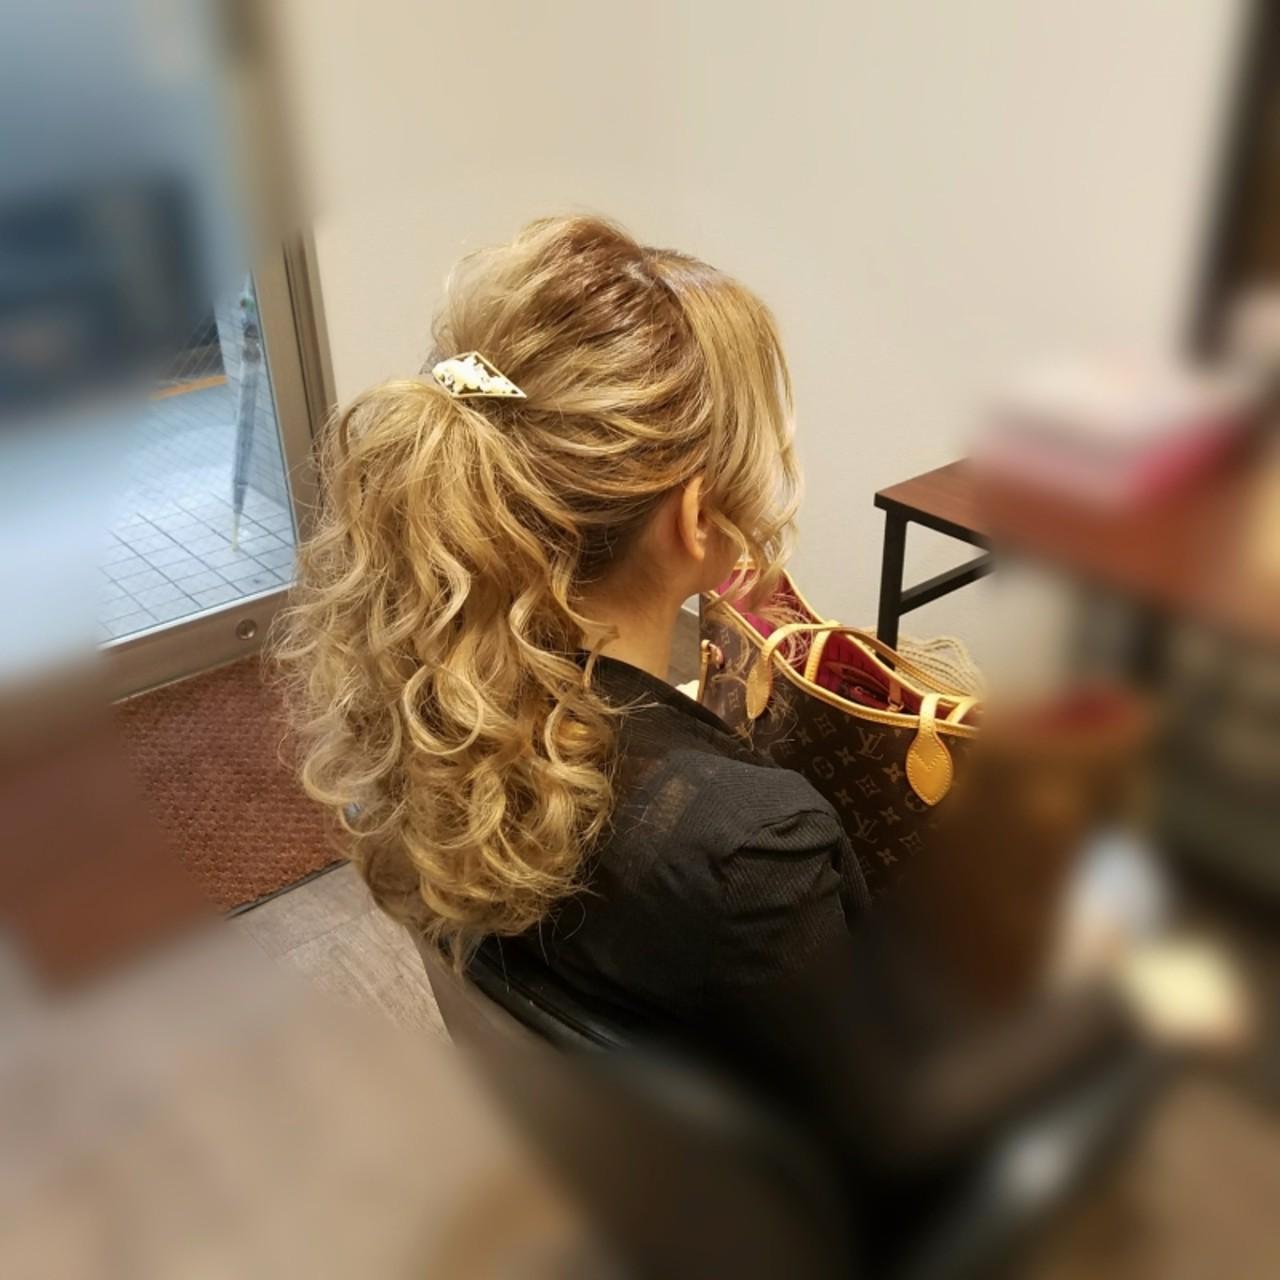 ポニーテール フェミニン アップスタイル ロング ヘアスタイルや髪型の写真・画像